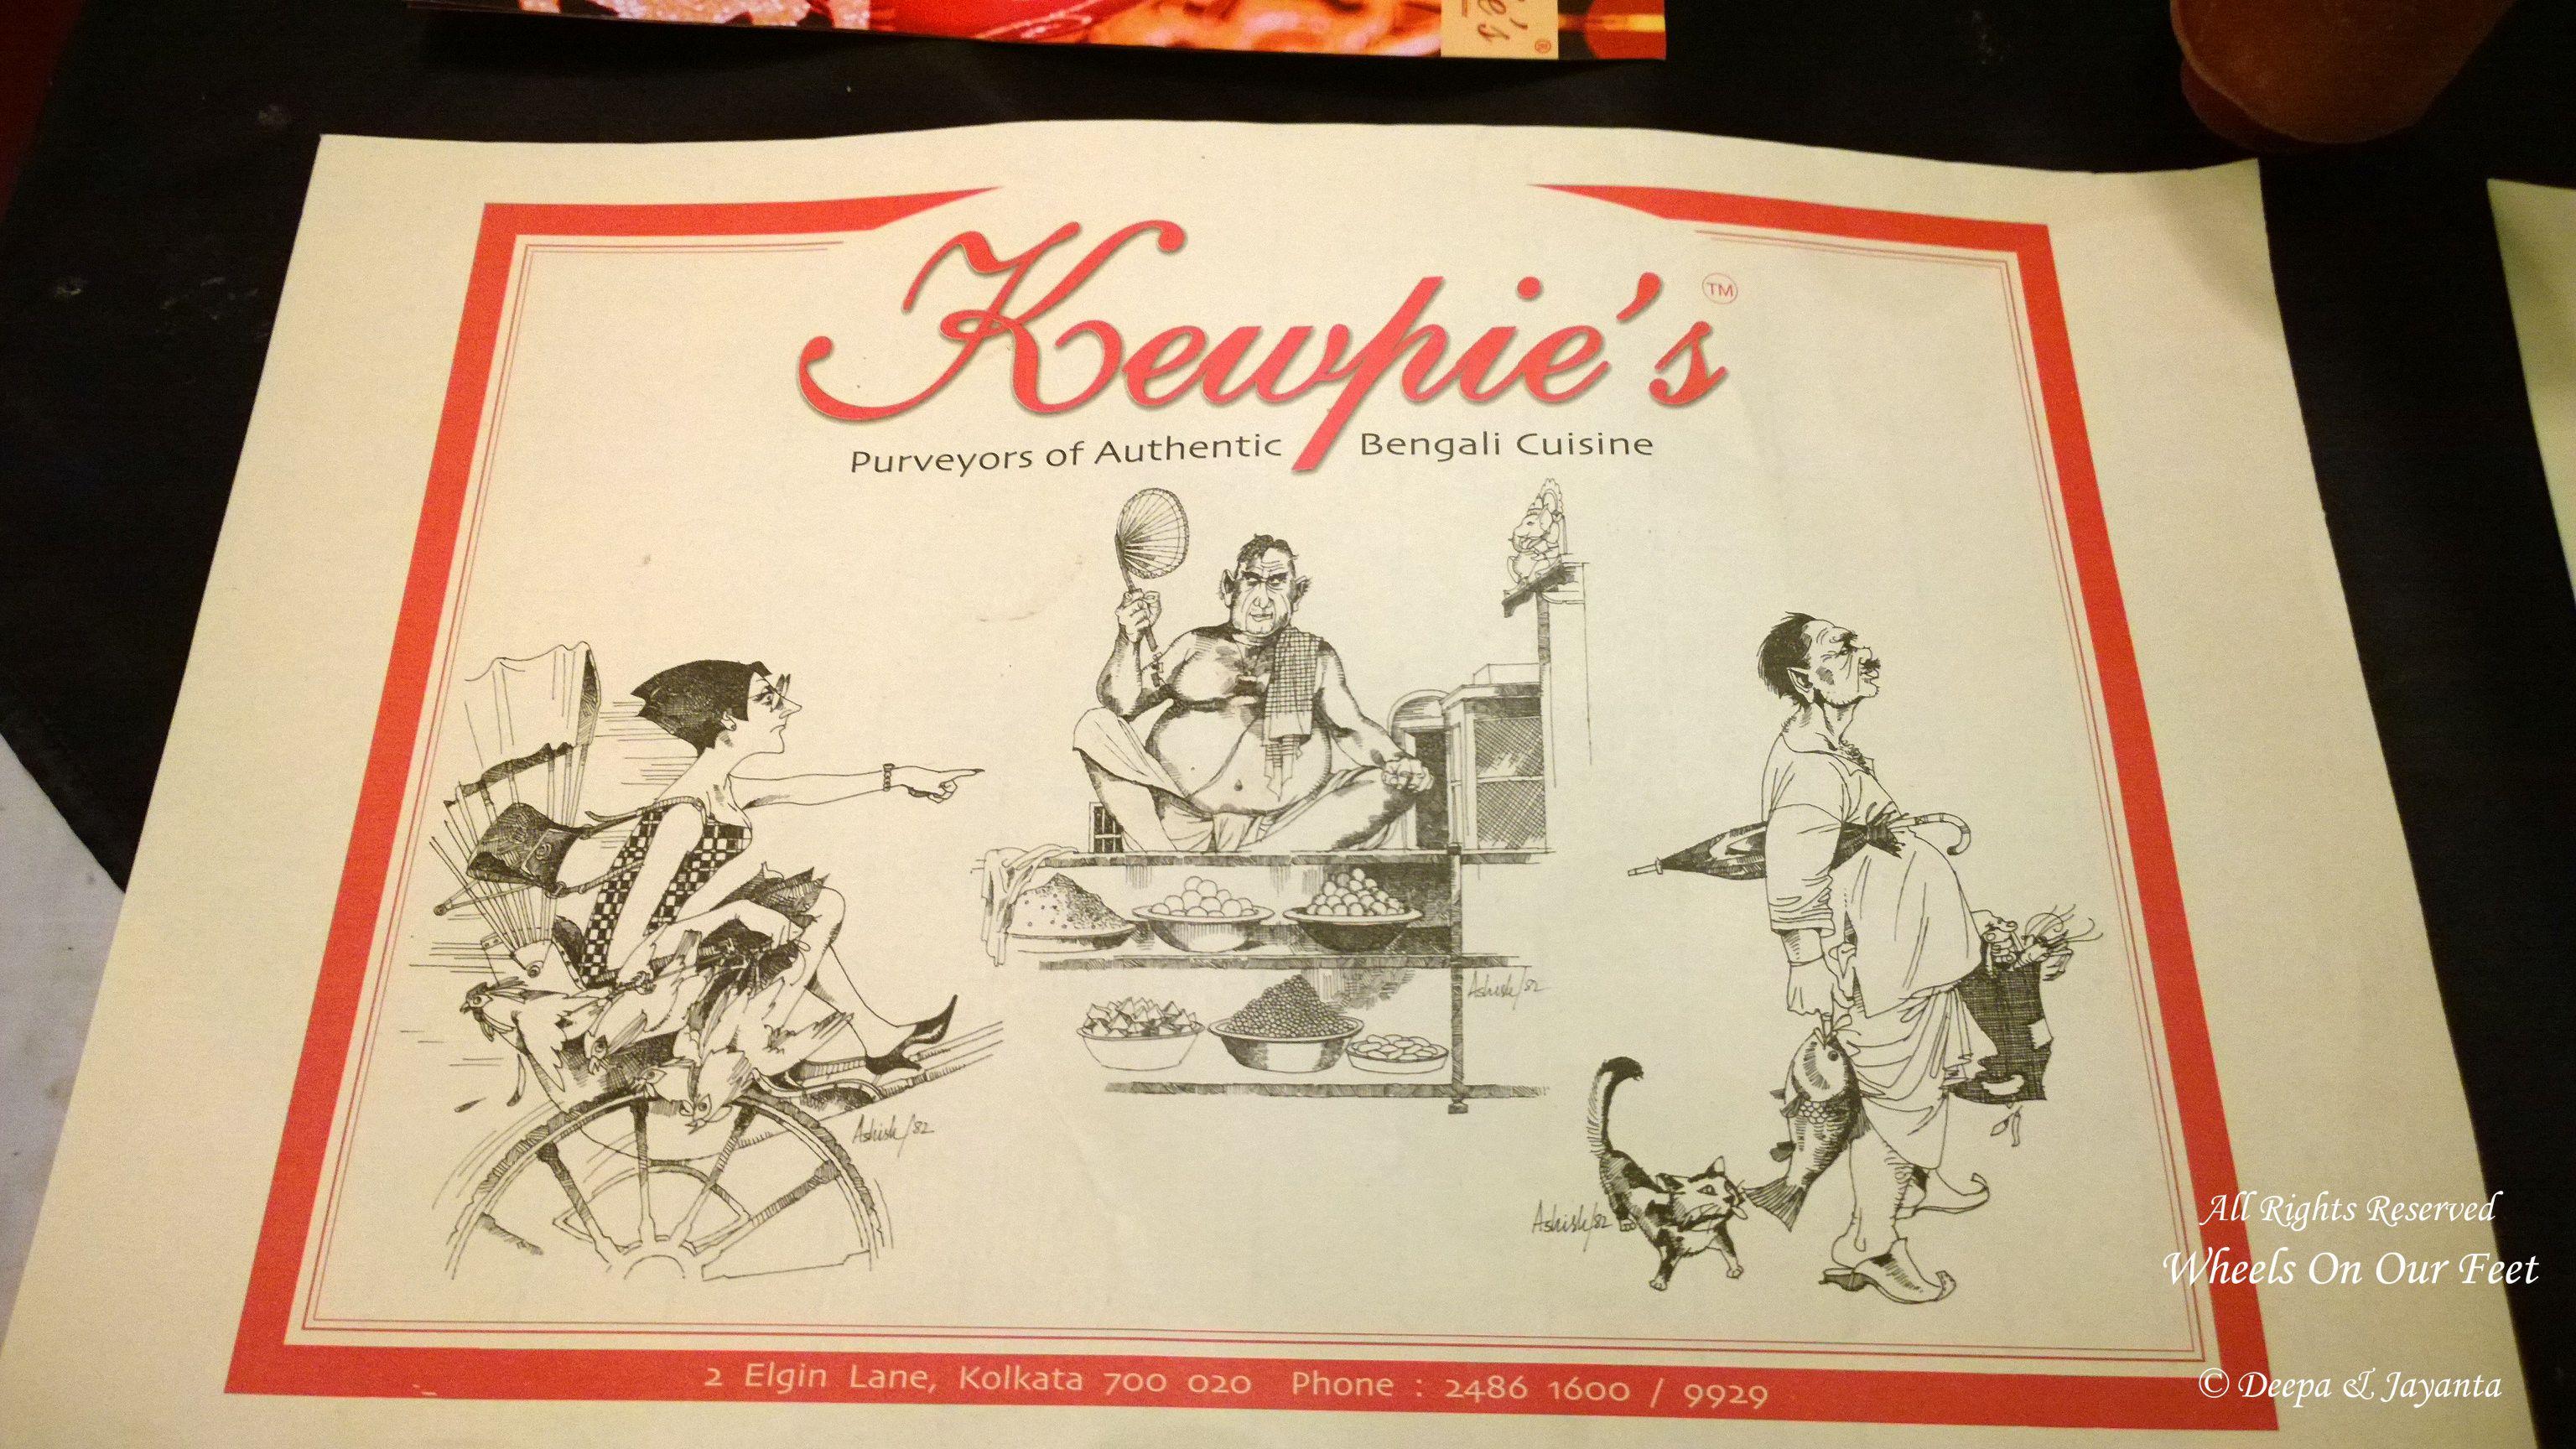 Restaurant Review: Kewpies in Kolkata